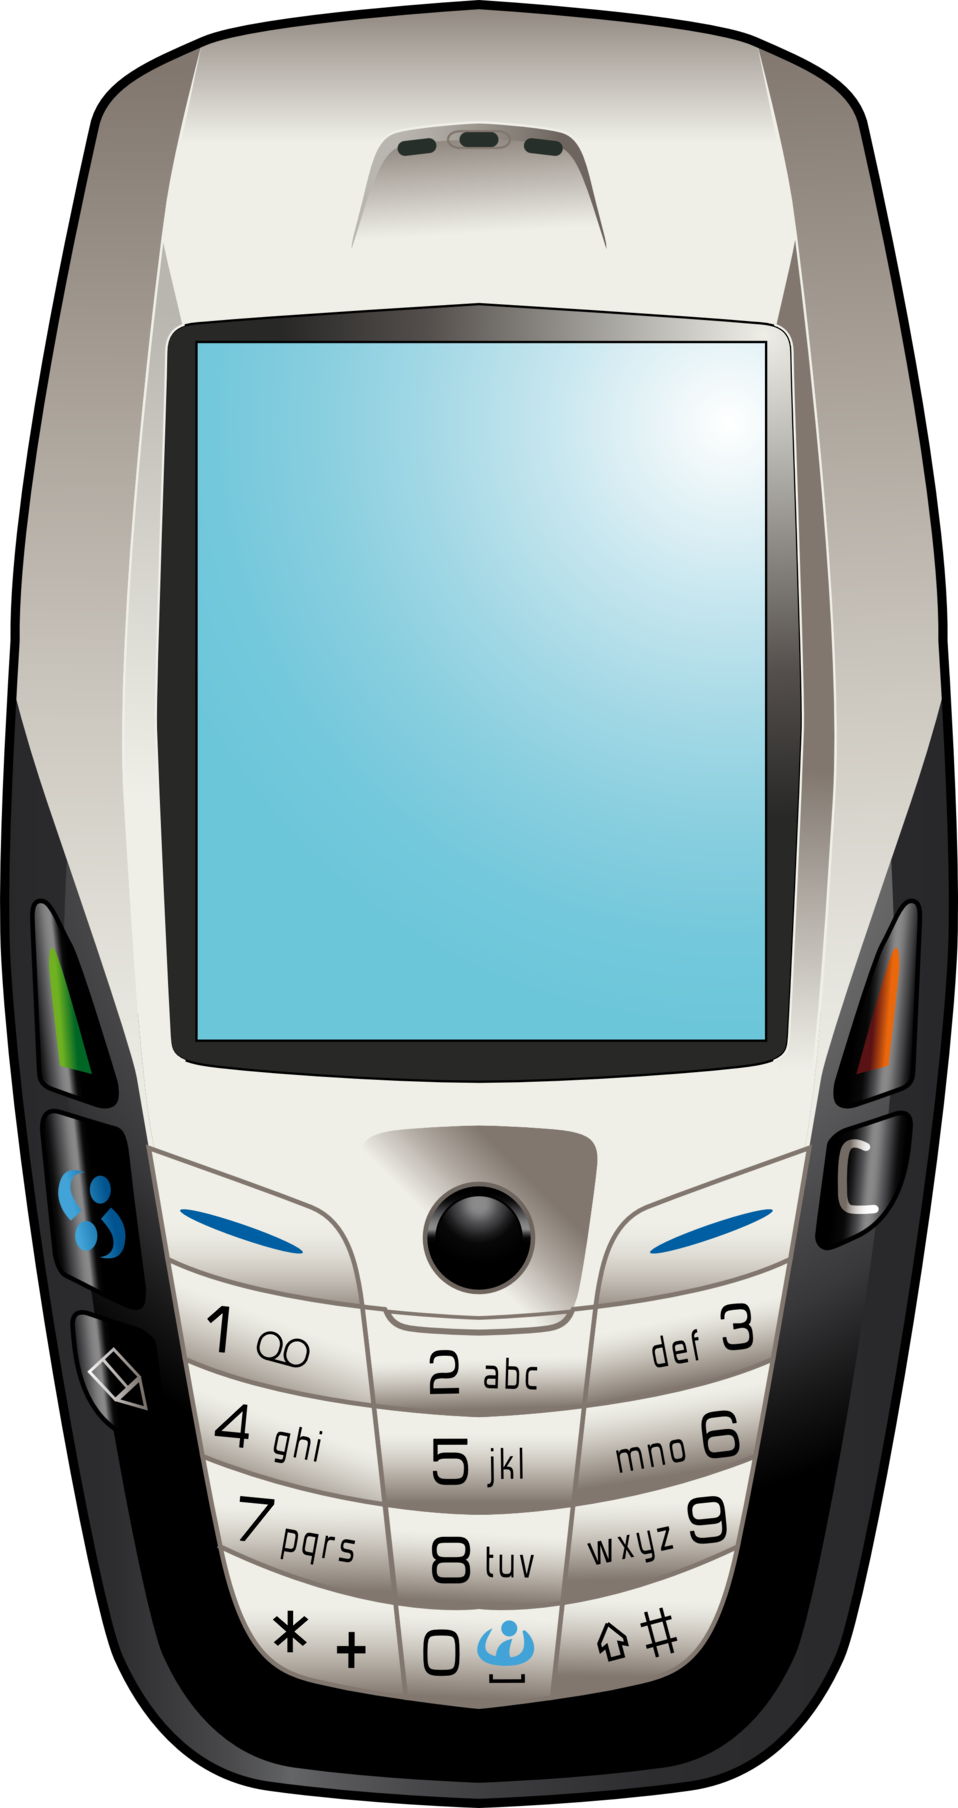 Clipart phone feature phone. Public domain clip art